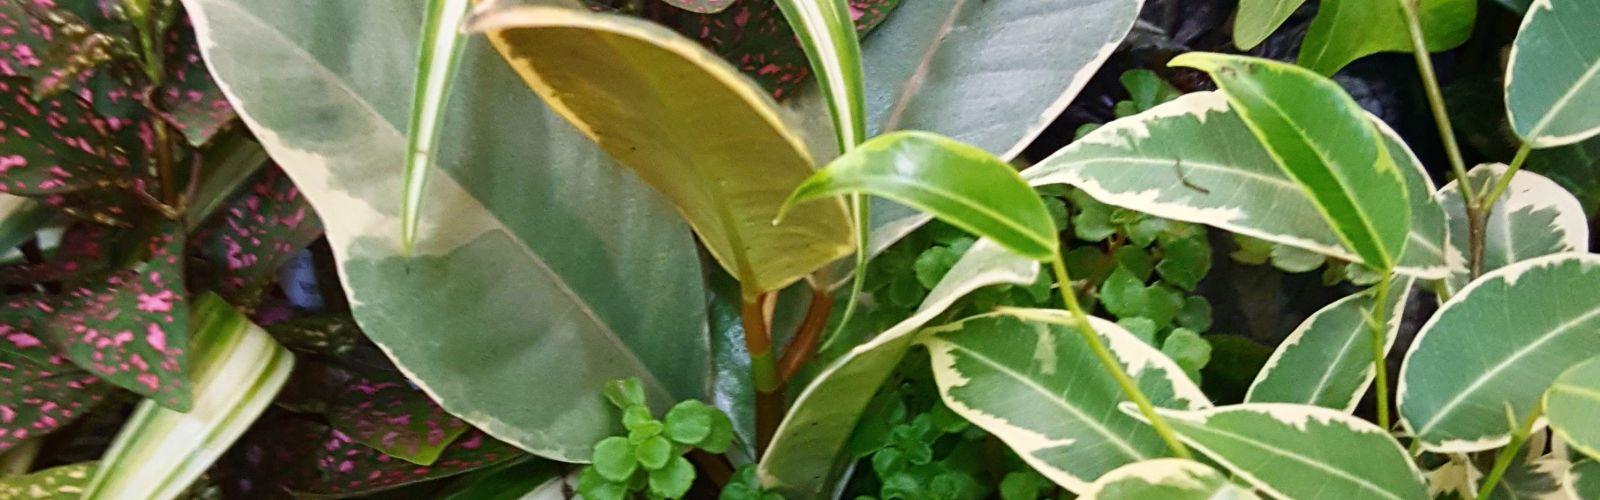 closeup of miniature green plants